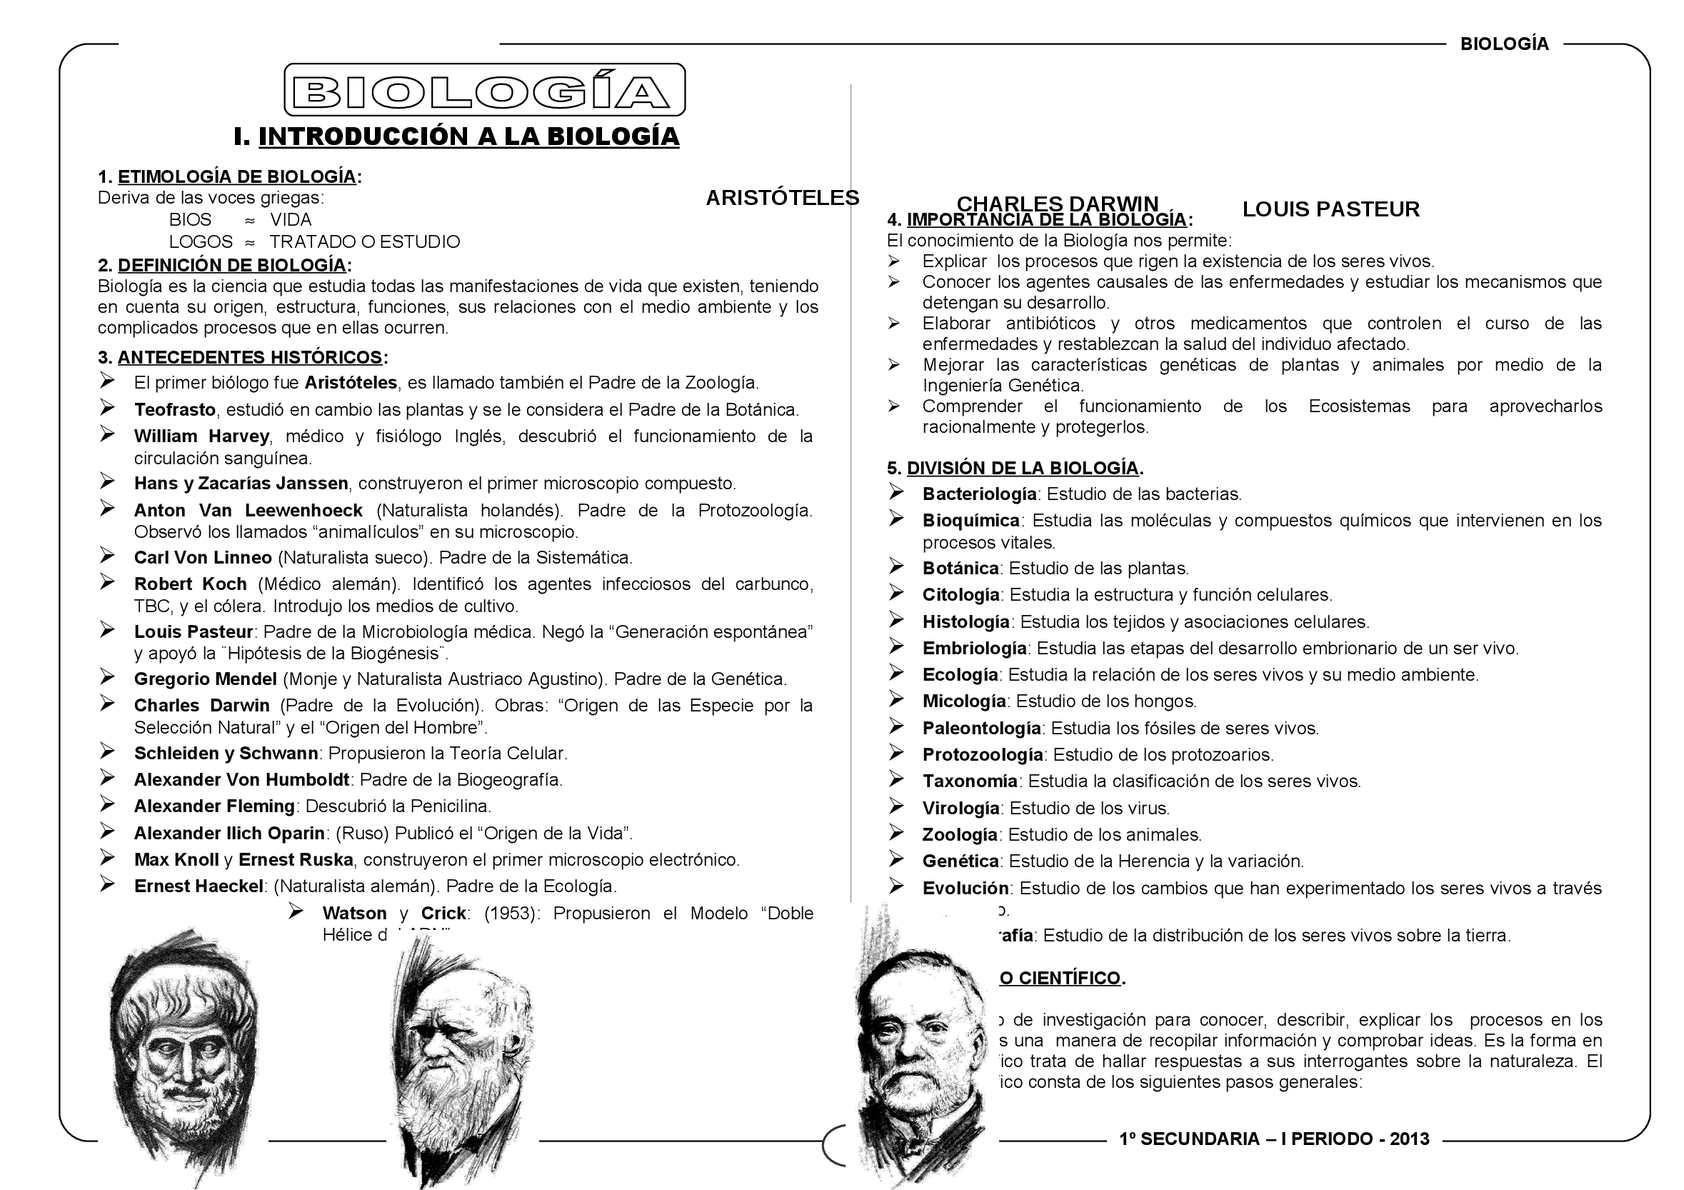 FICHA DE TRABAJO BIOLOGÍA 1 SECUNDARIA I BIMESTRE PERÚ